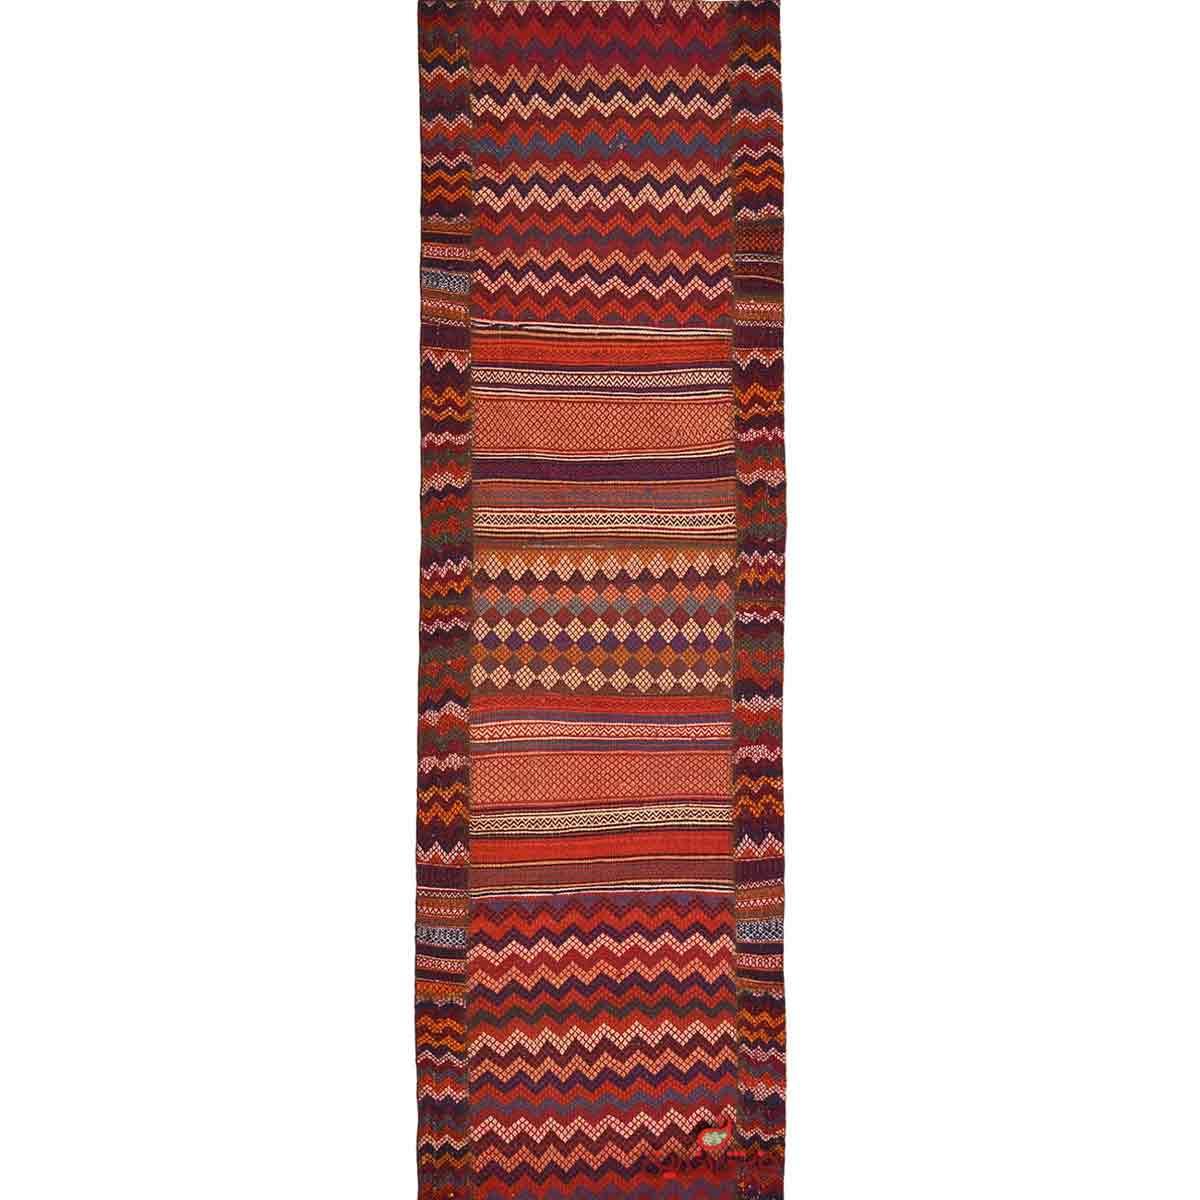 کناره دستباف مدرن کد 869